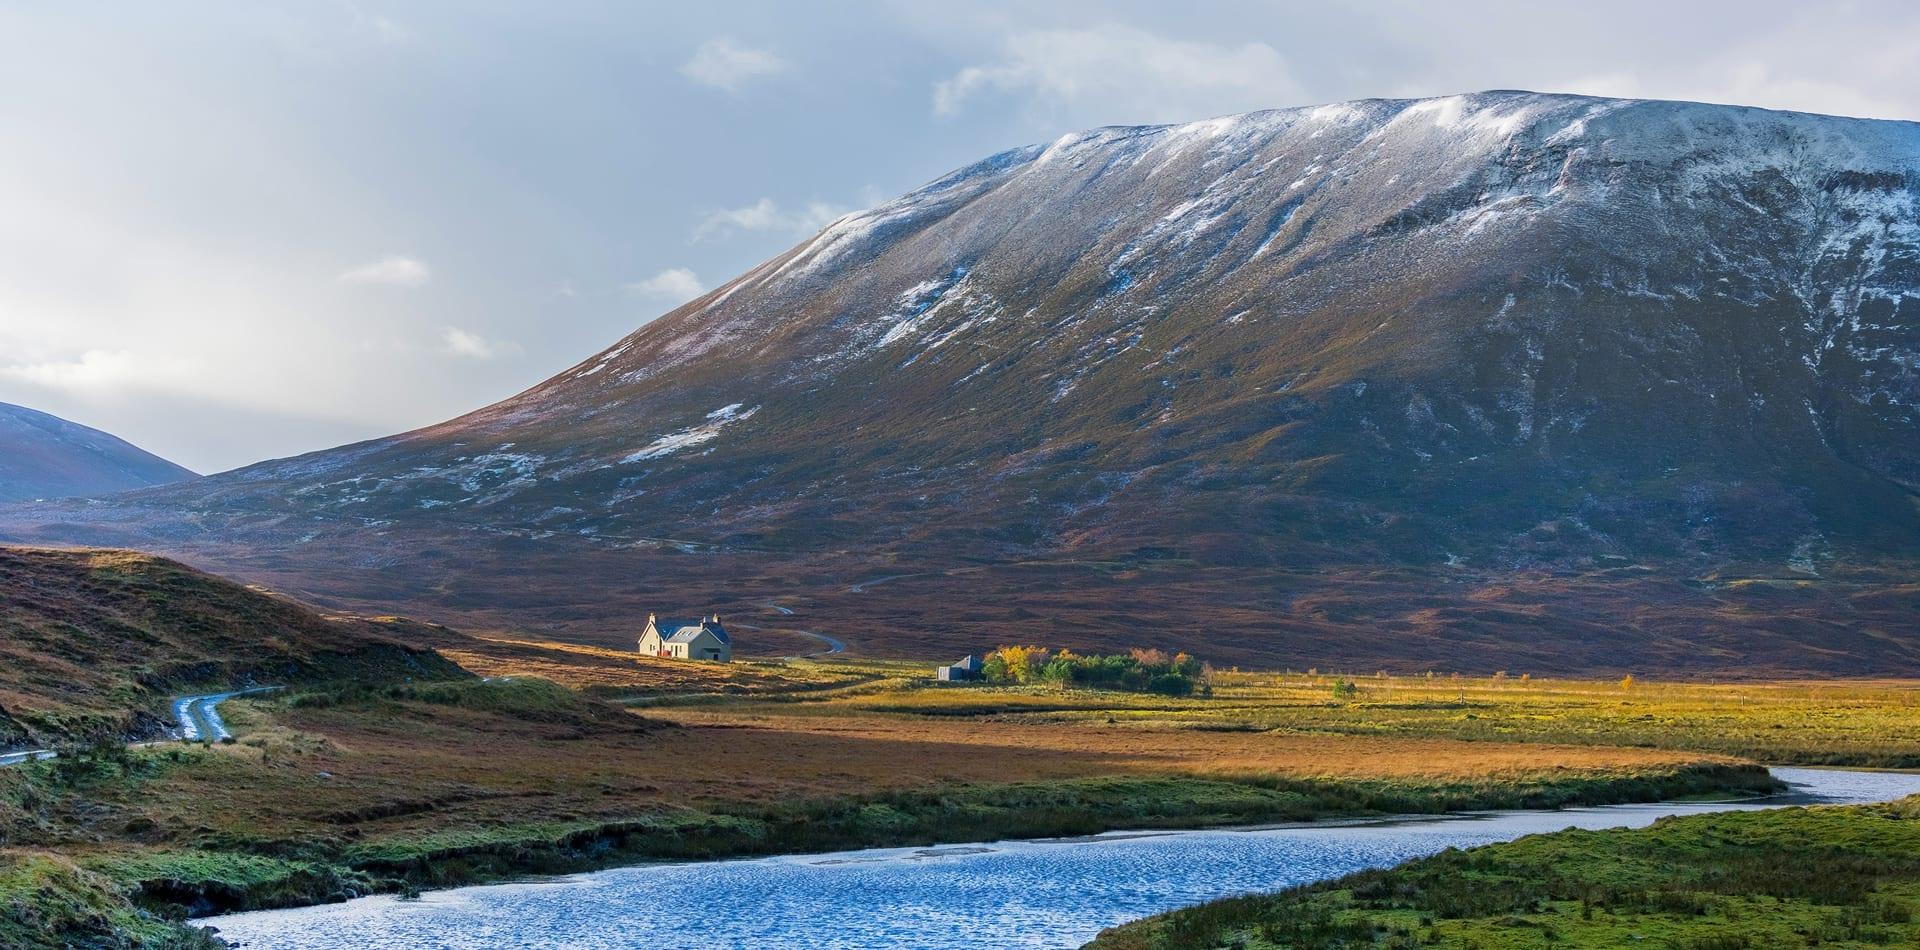 alladale wilderness reserve scotland